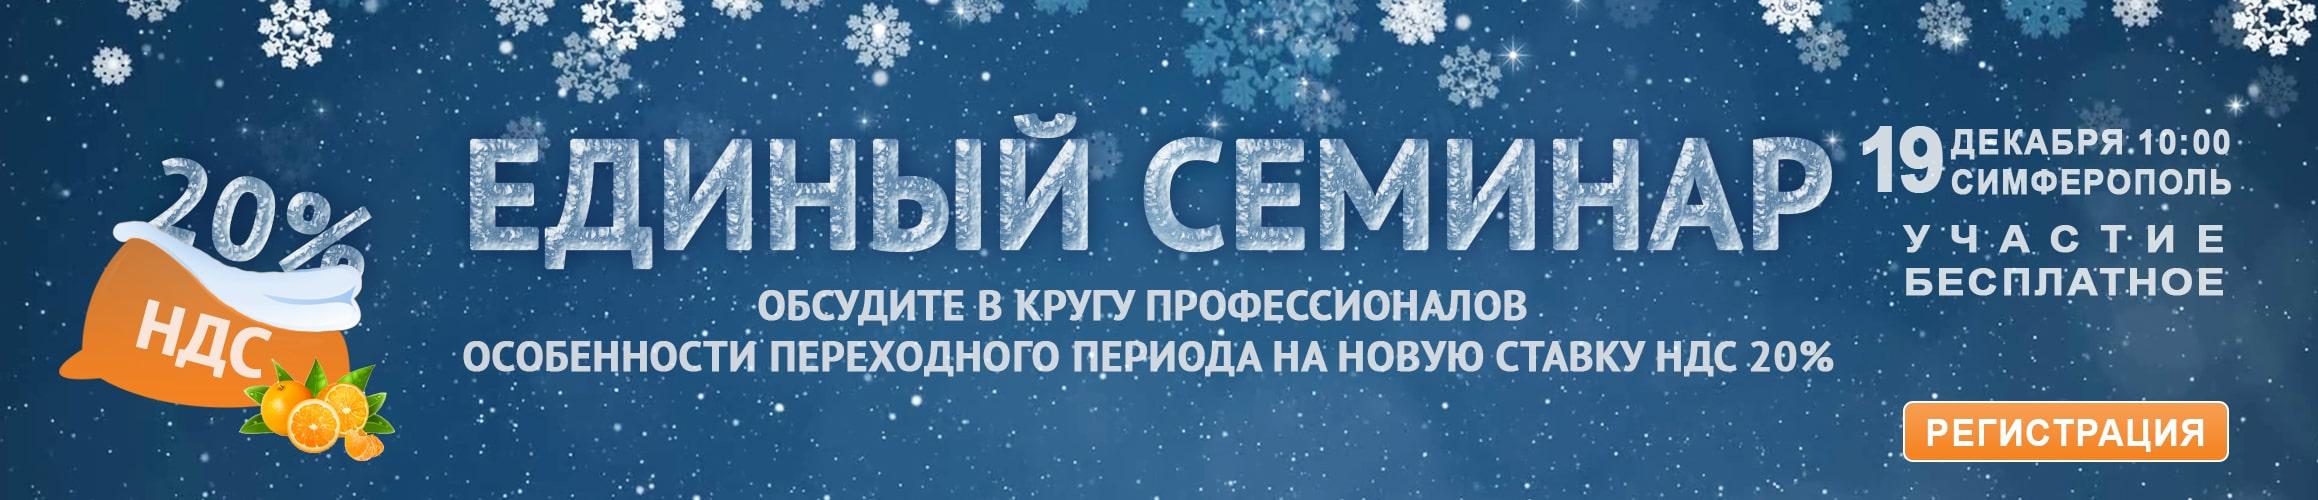 Приглашаем на Единый семинар «1С». Декабрь 2018